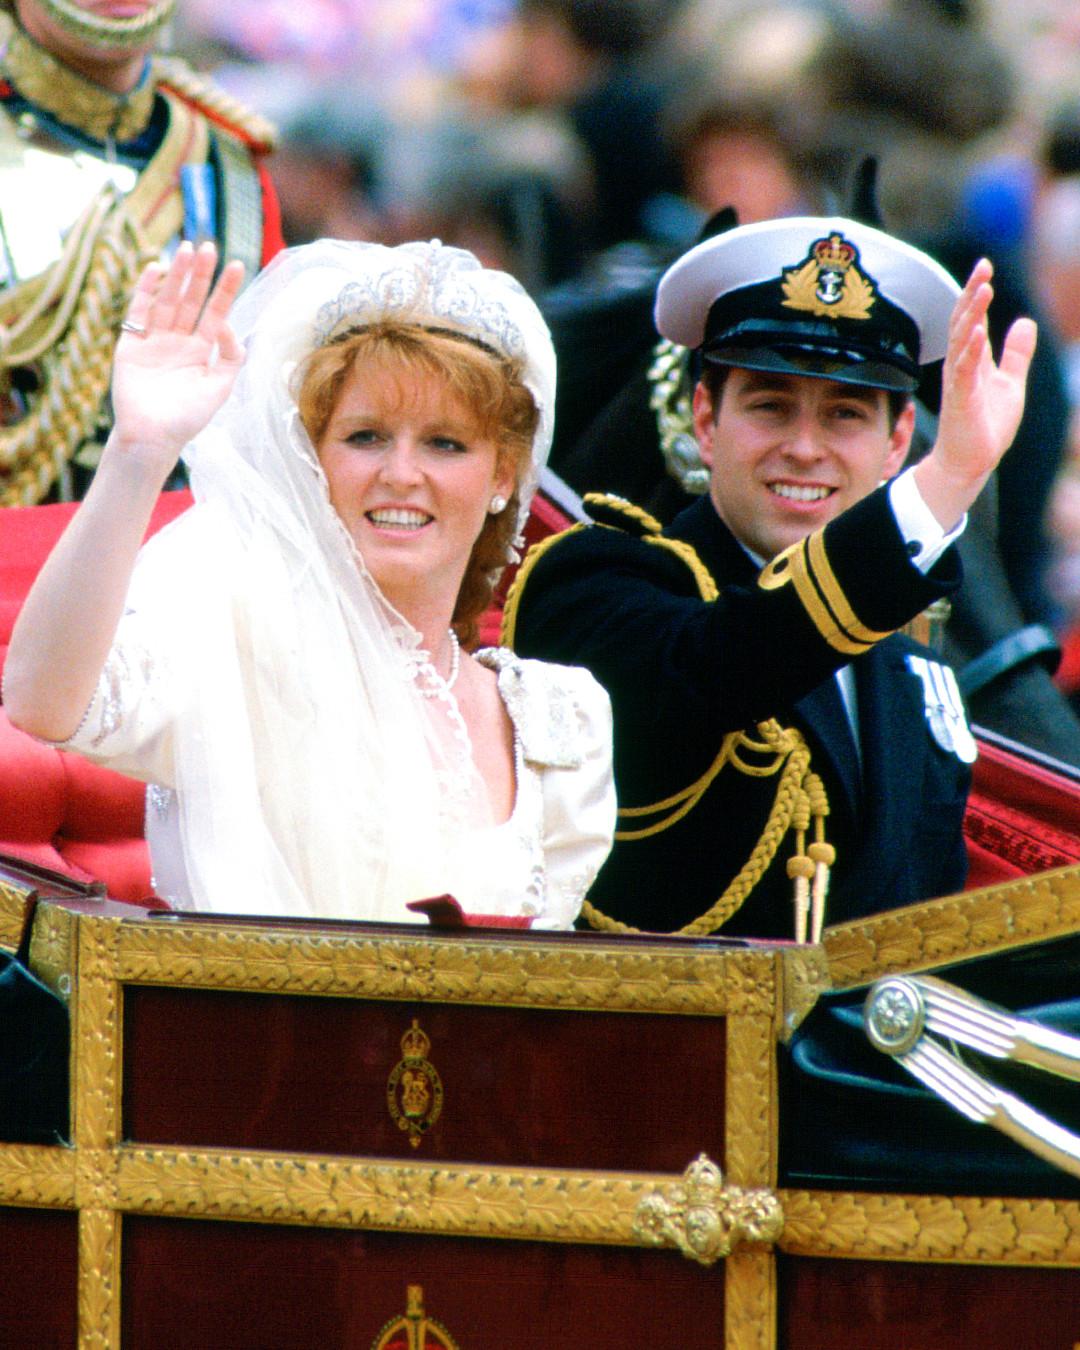 ESC: The Duke and Duchess of York